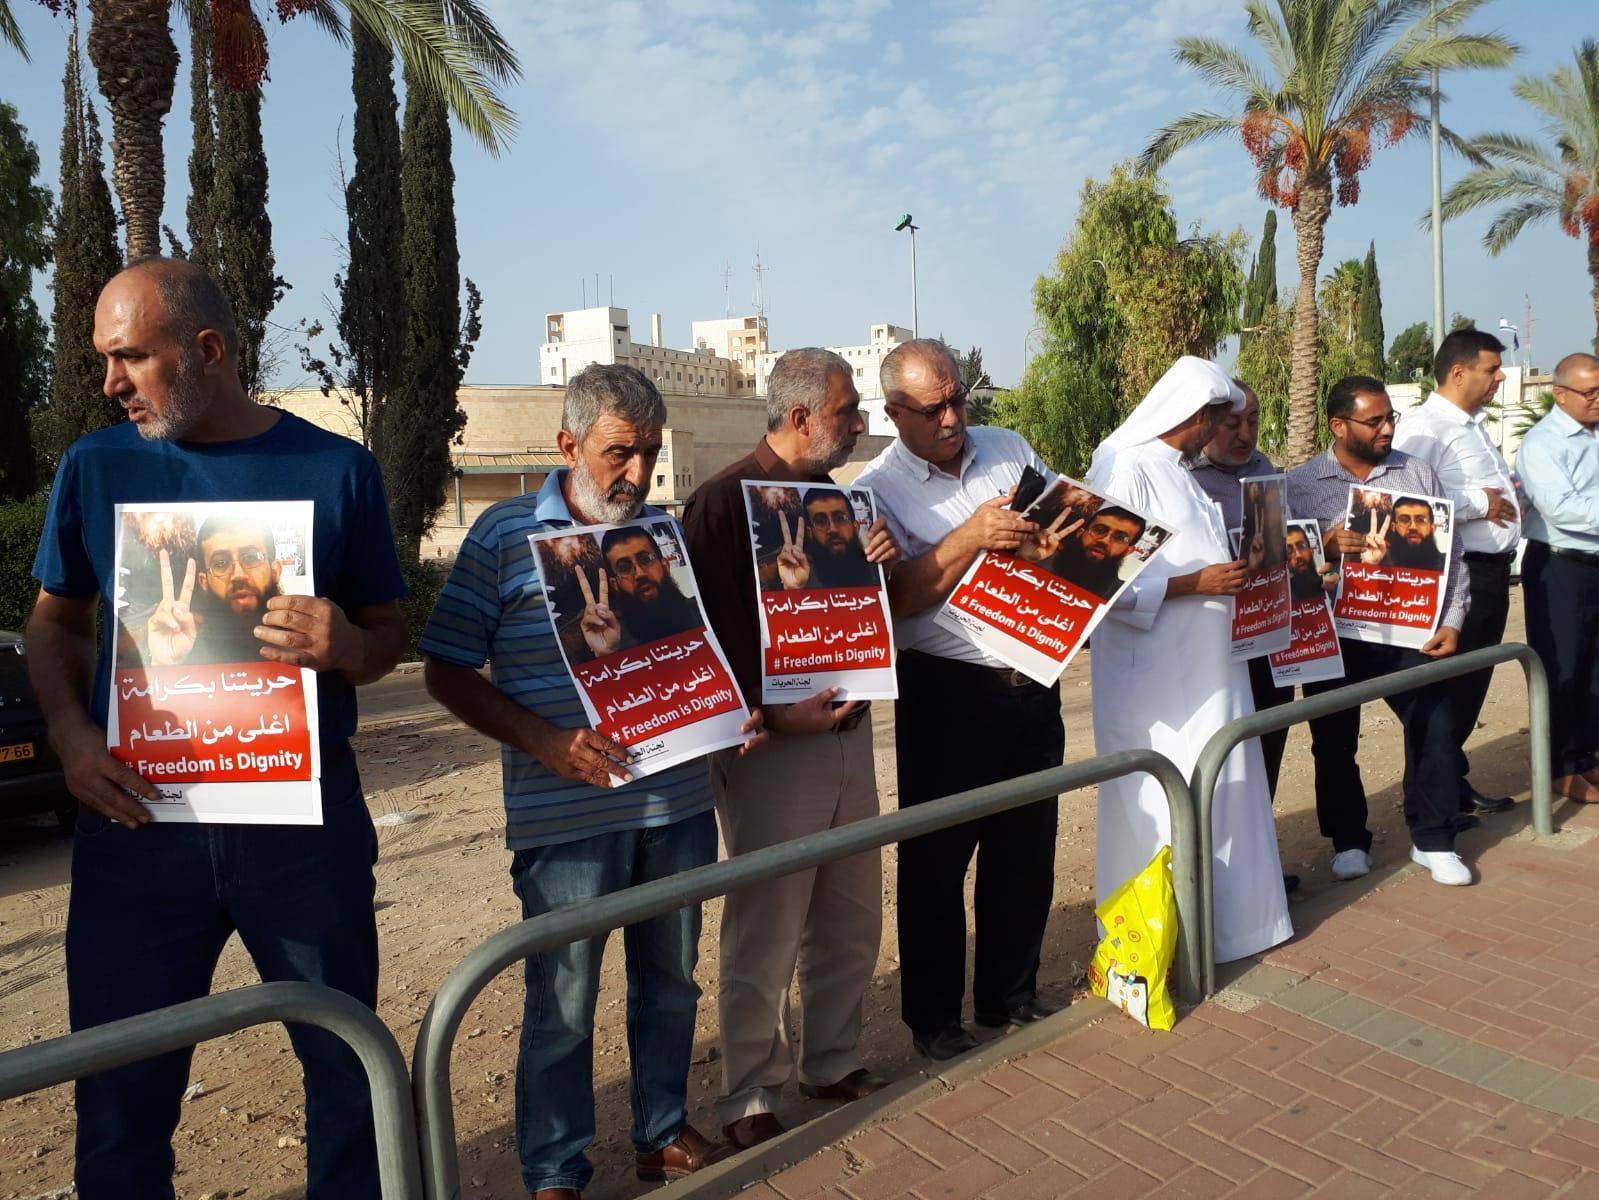 تظاهرة قبالة سجن الرملة تضامنا مع الأسير خضر عدنان